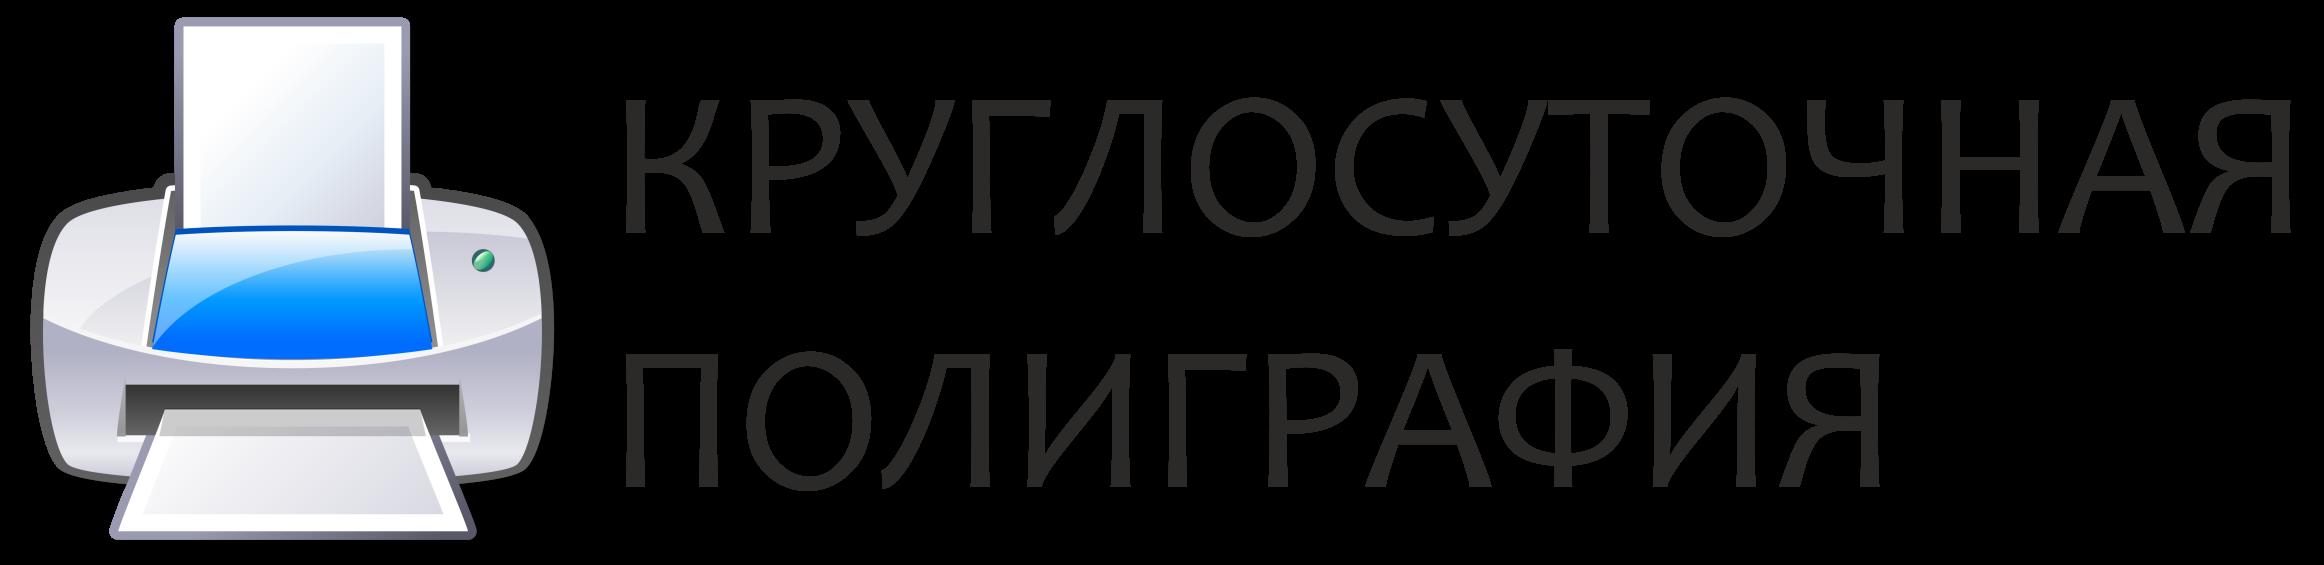 Круглосуточная ПОЛИГРАФИЯ